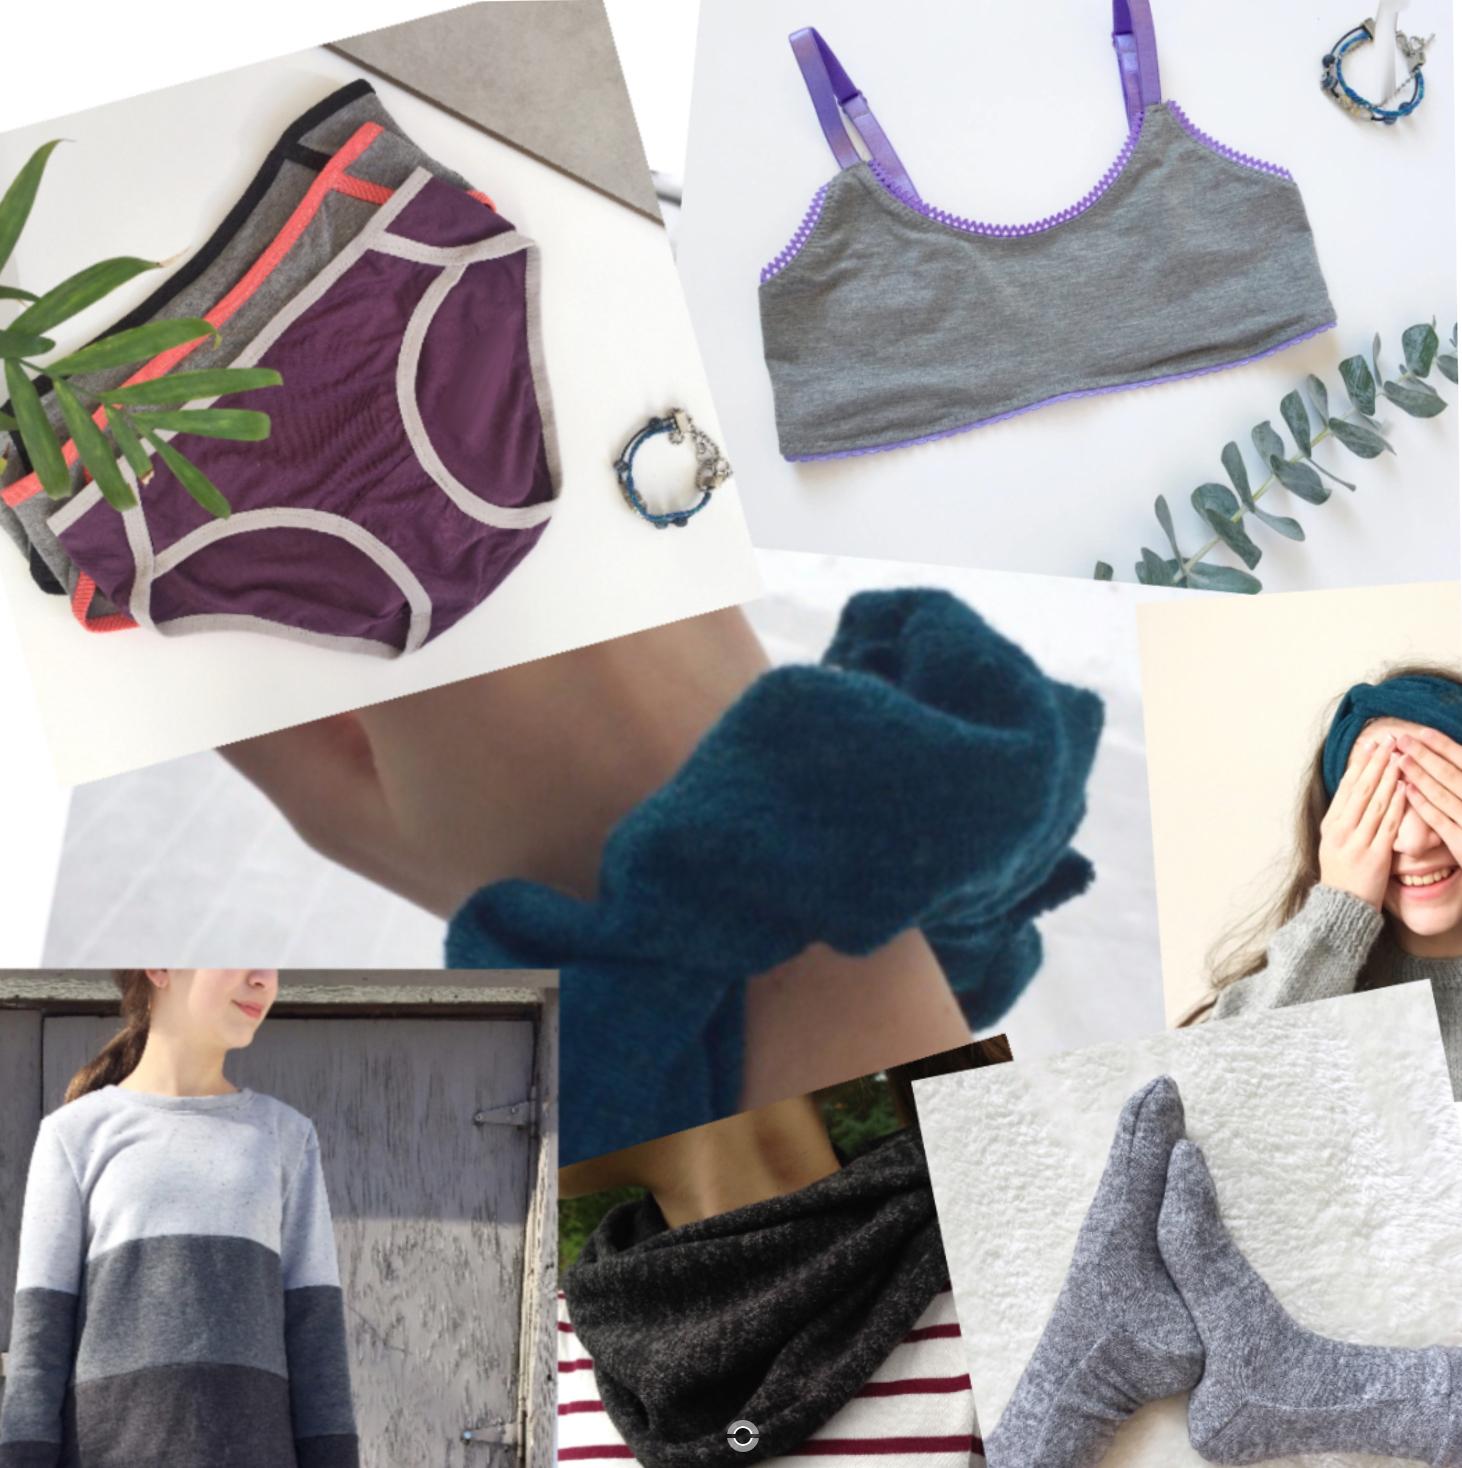 7 projets couture à réaliser avec des chutes de tissus extensibles